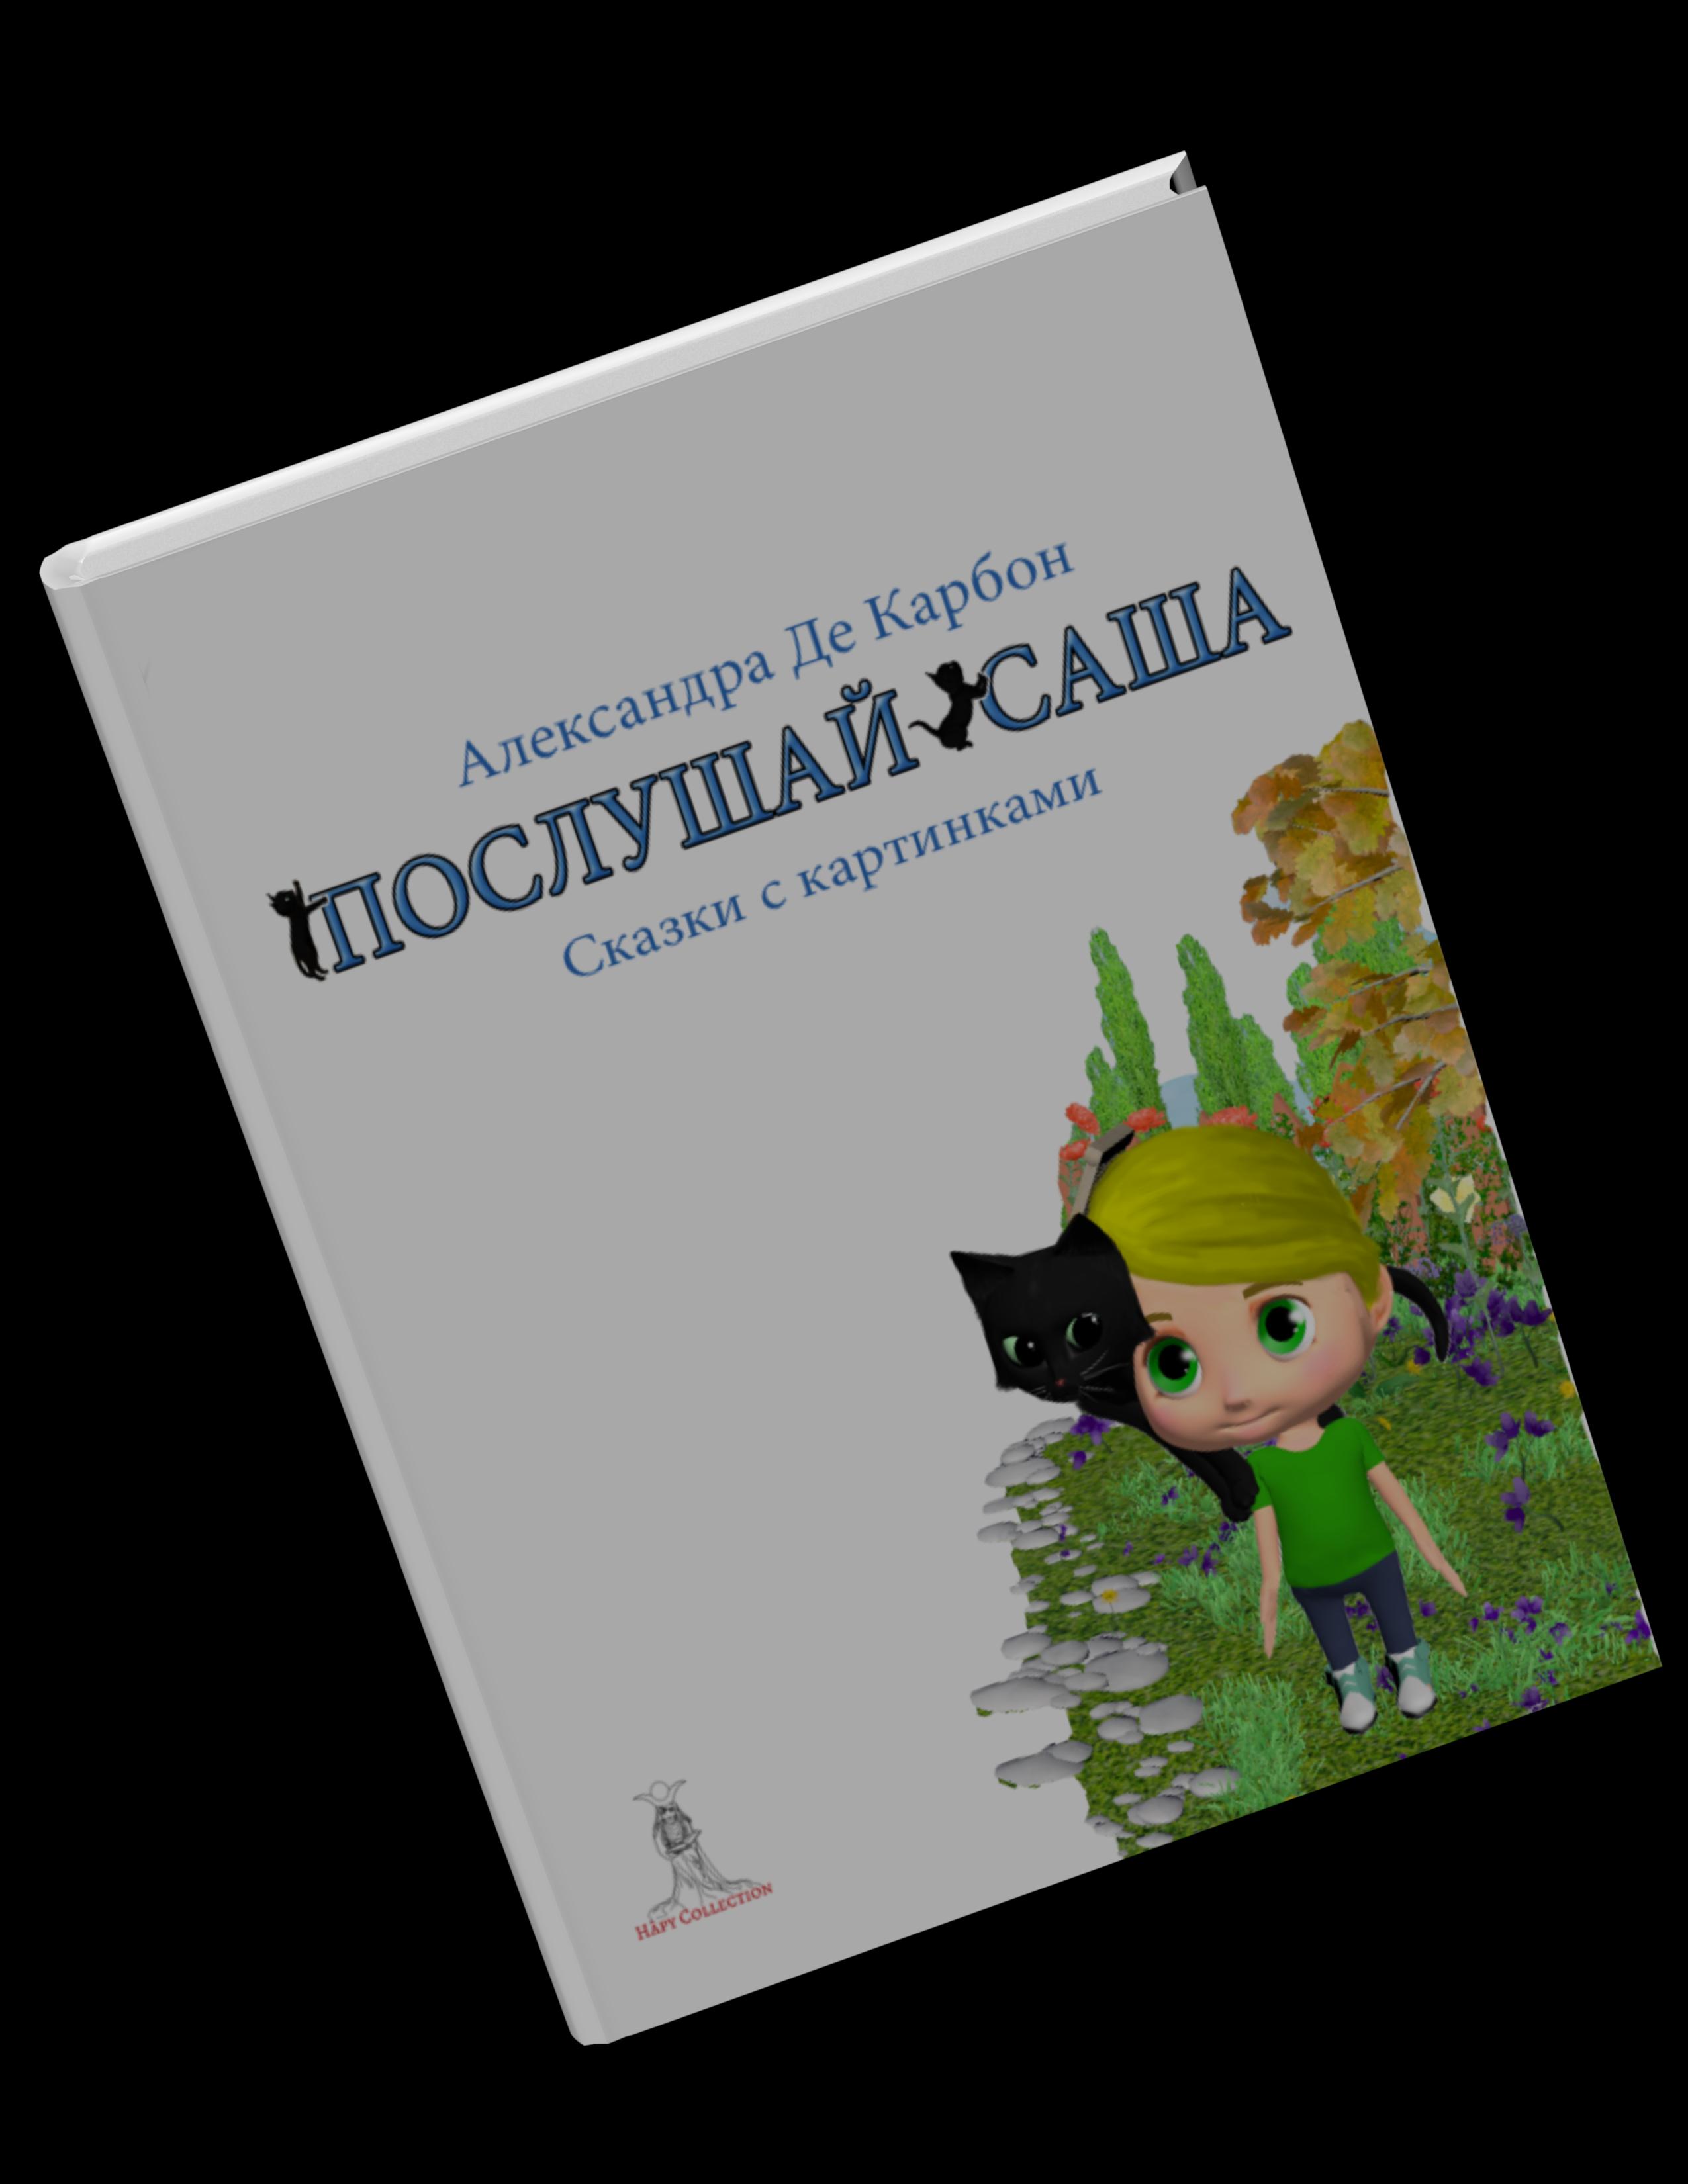 sacha-book-3k-5